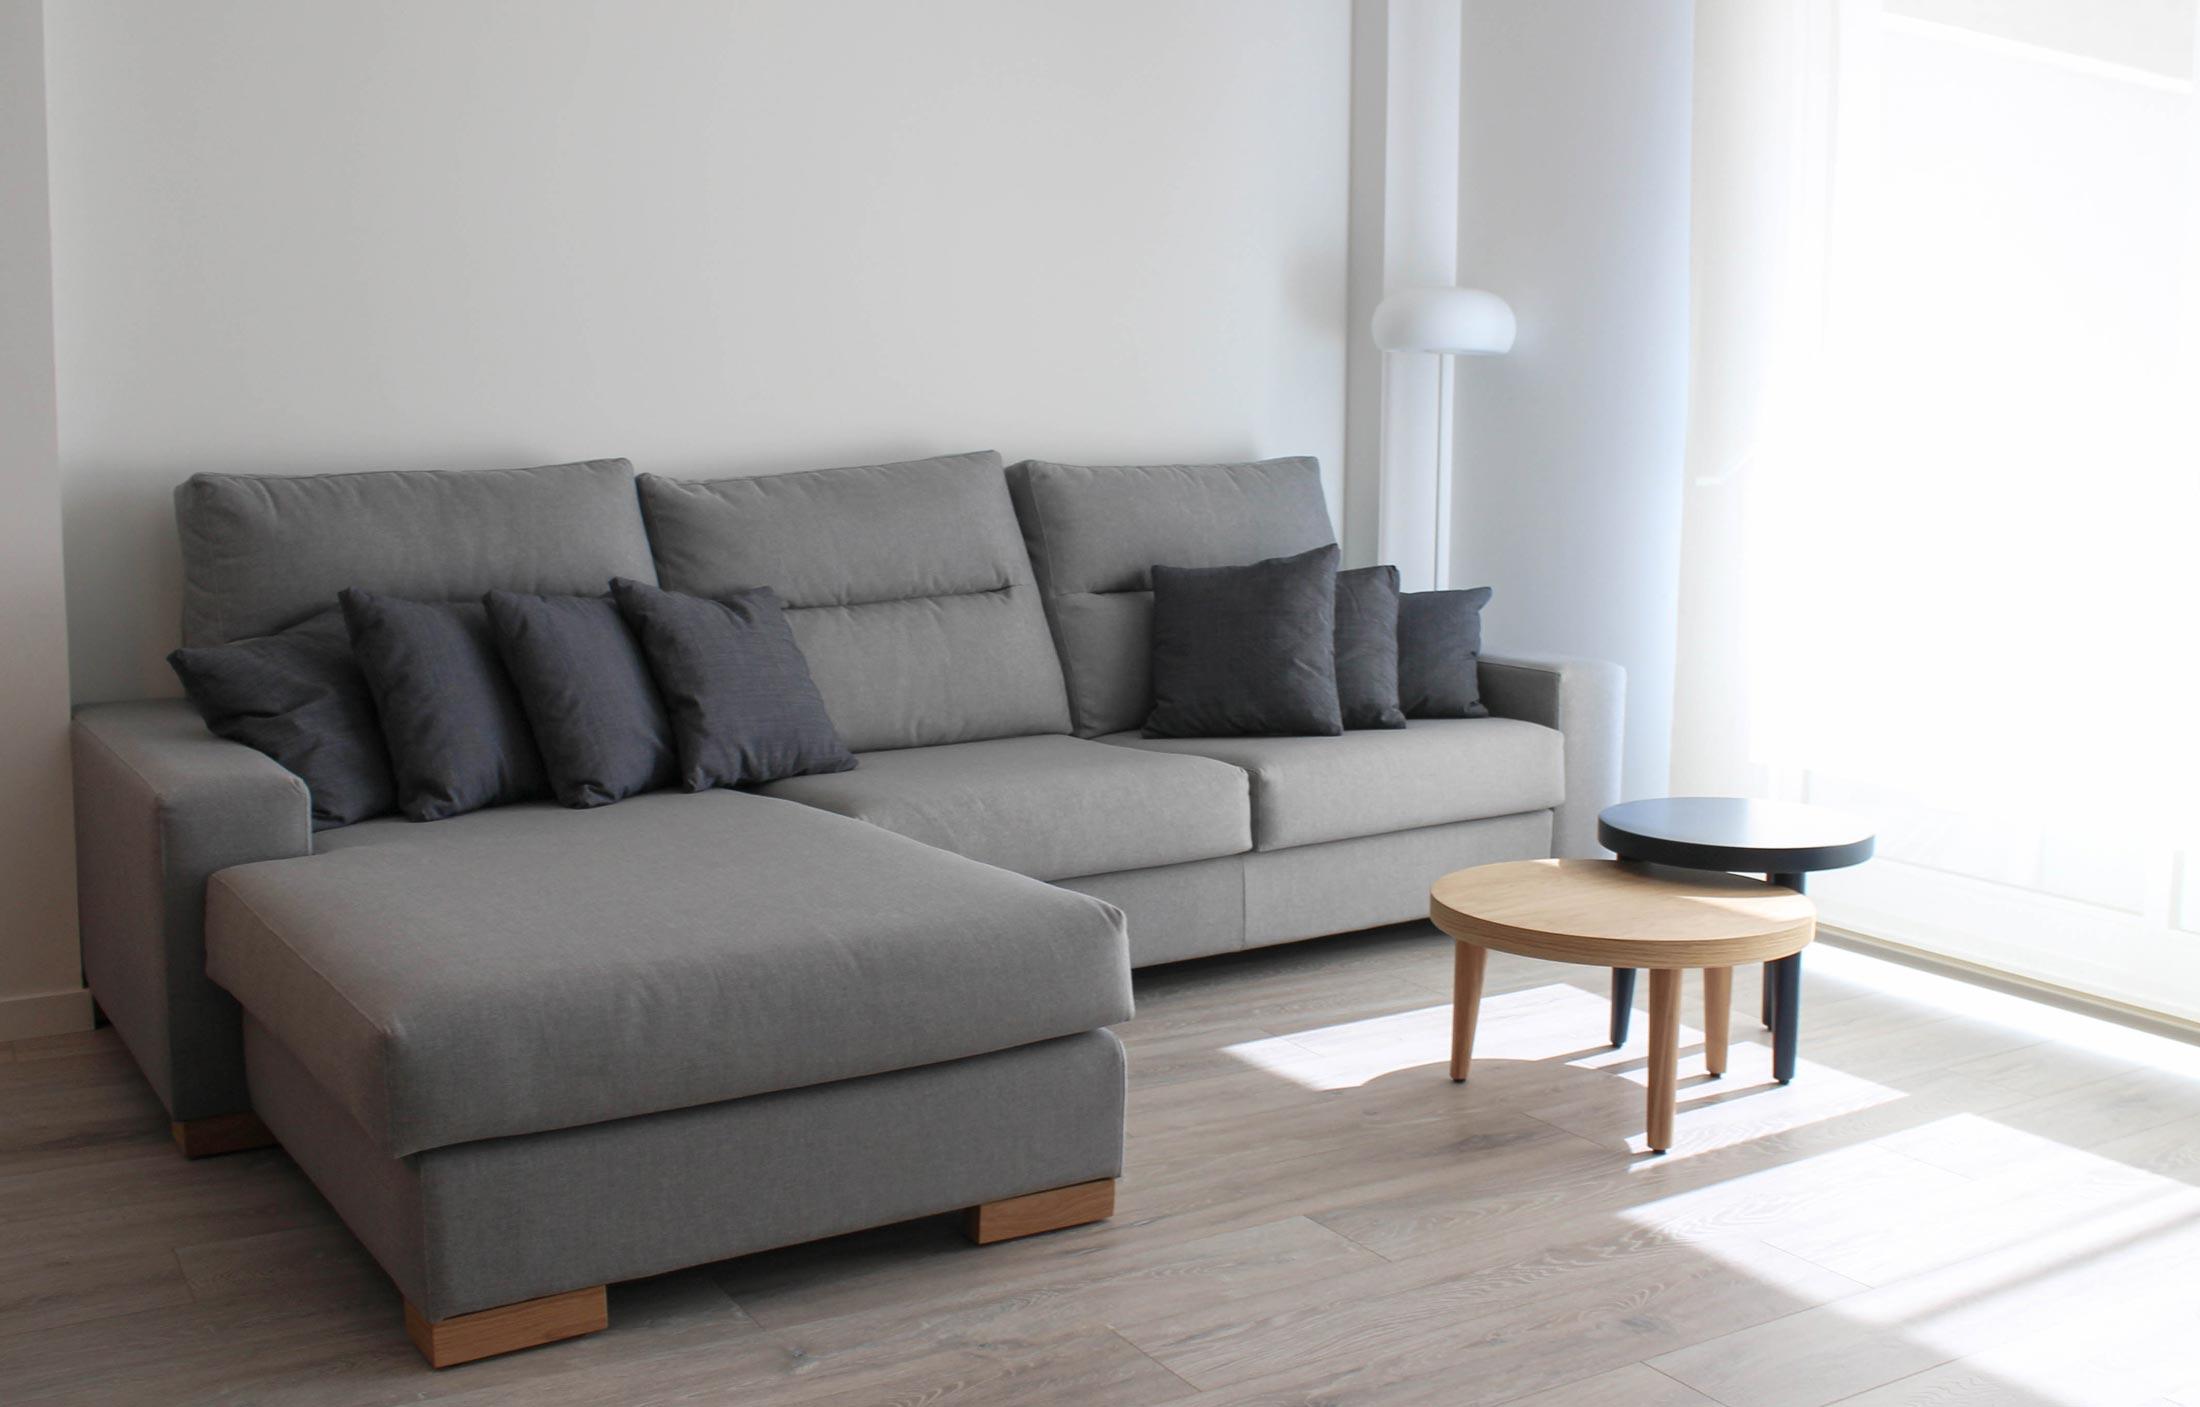 Apartamento de playa - El Racó - Cullera